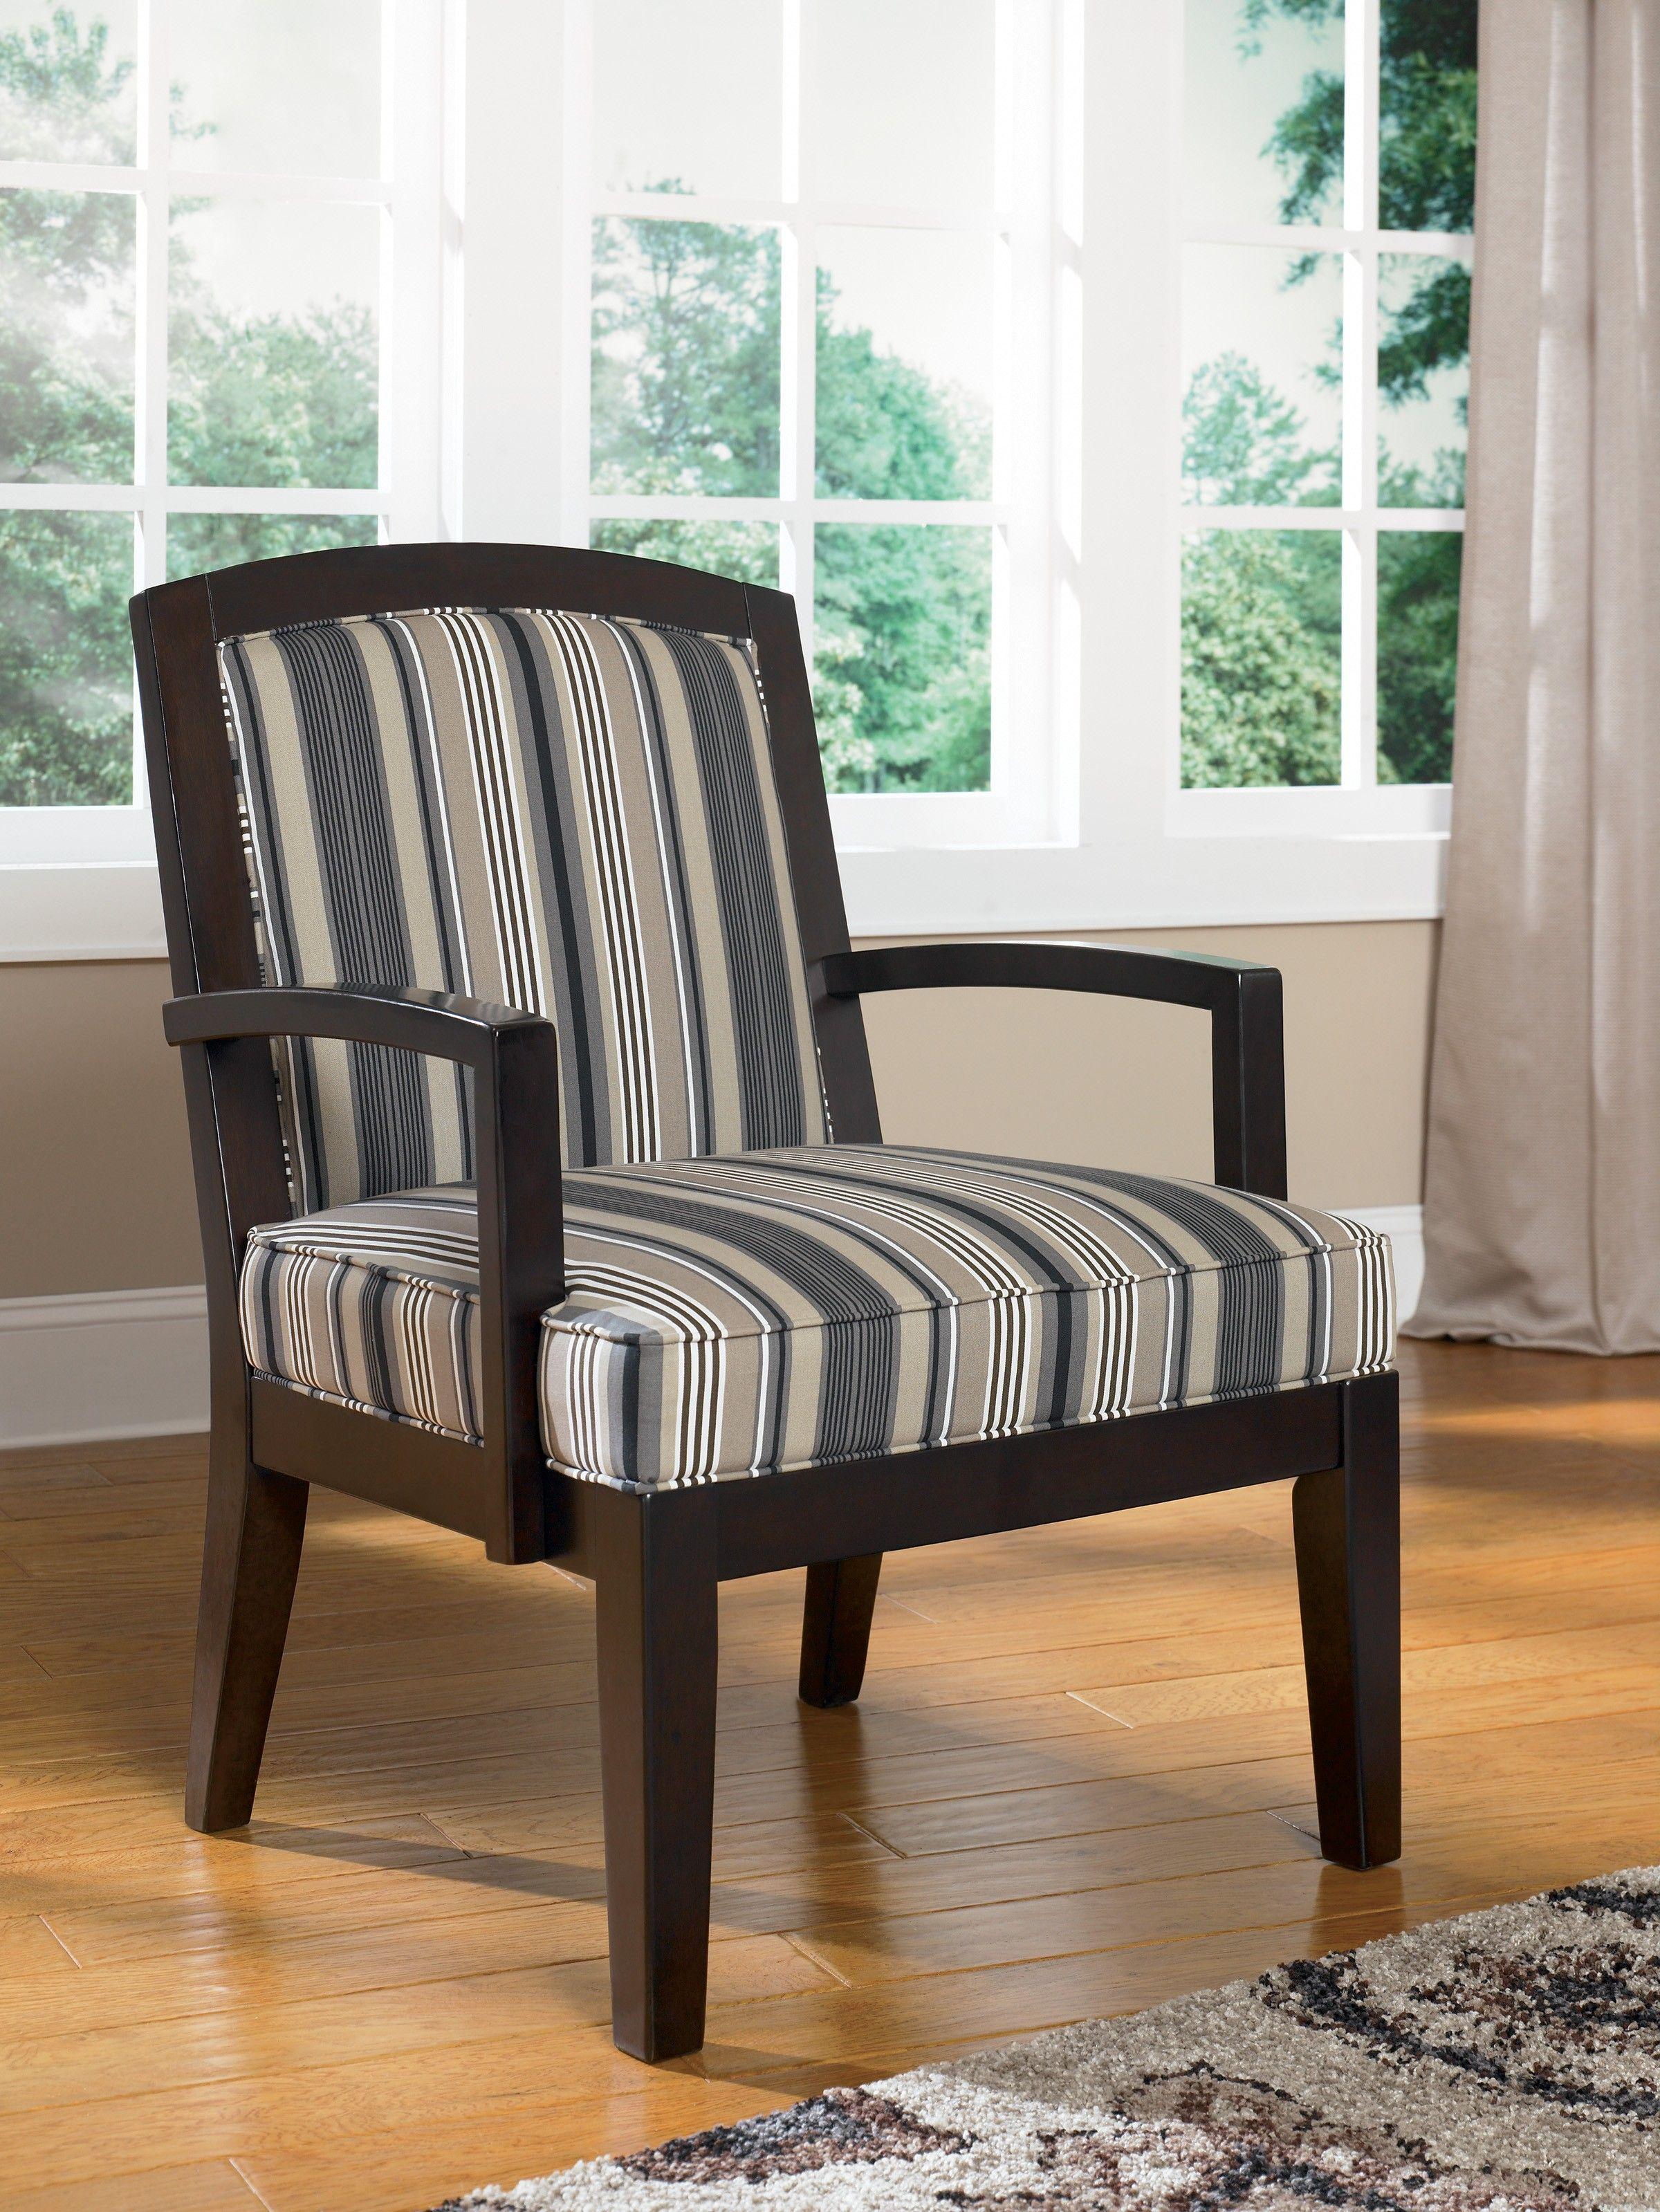 Designer Chairs For Living Room  Wohnzimmersessel, Akzentstühle